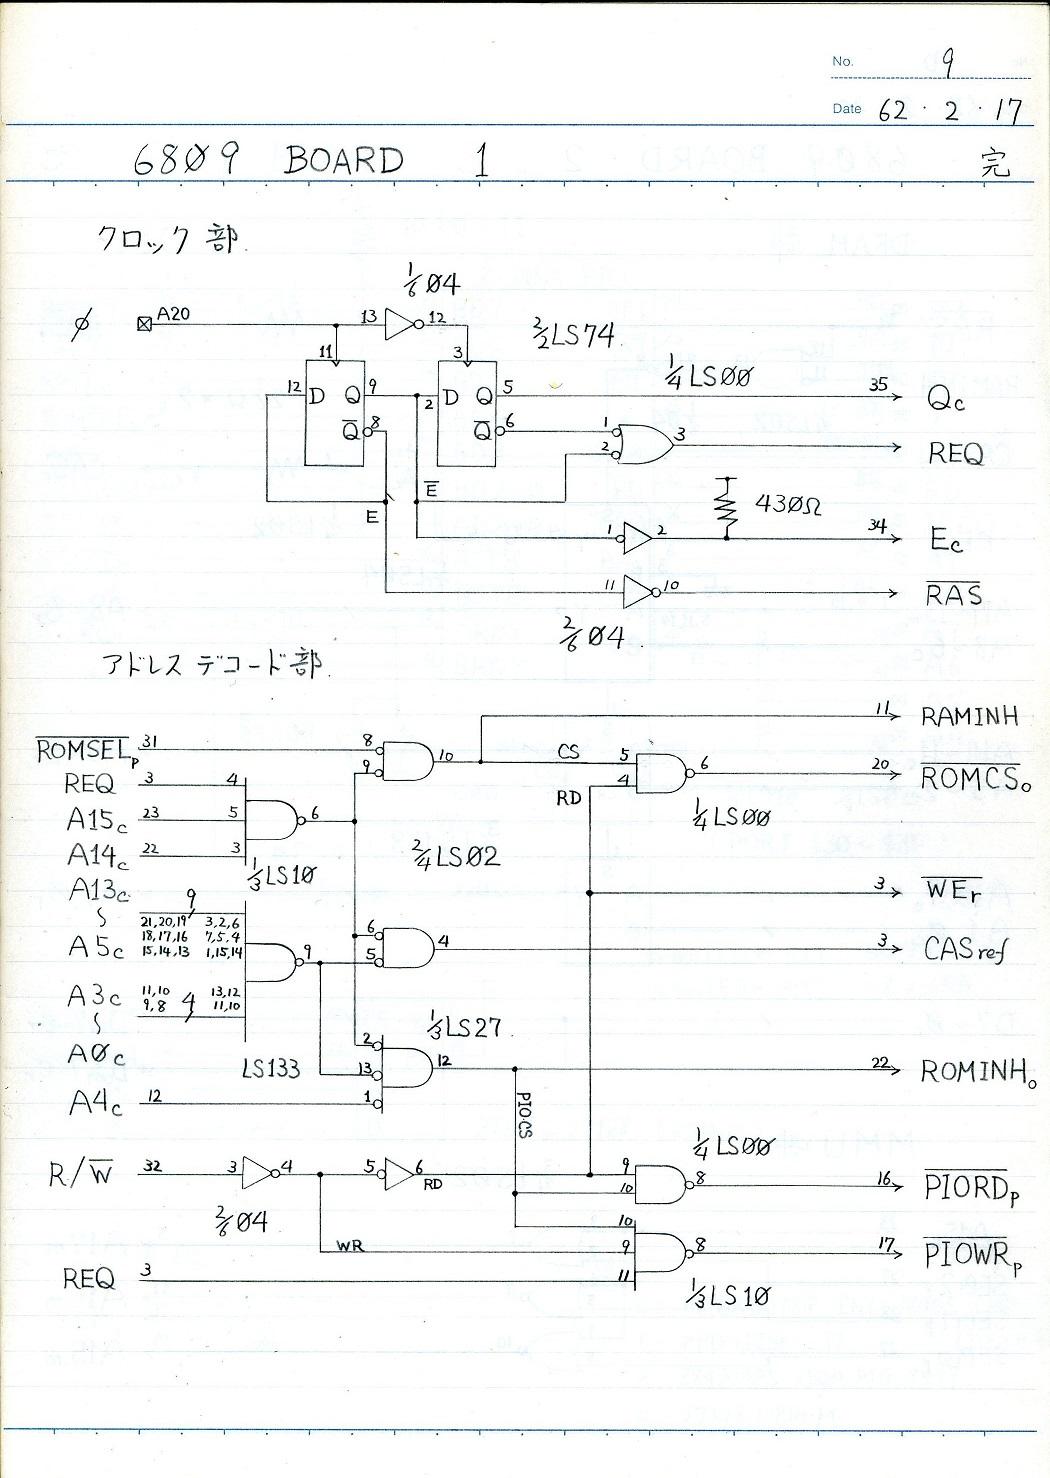 6809 board circuit 1